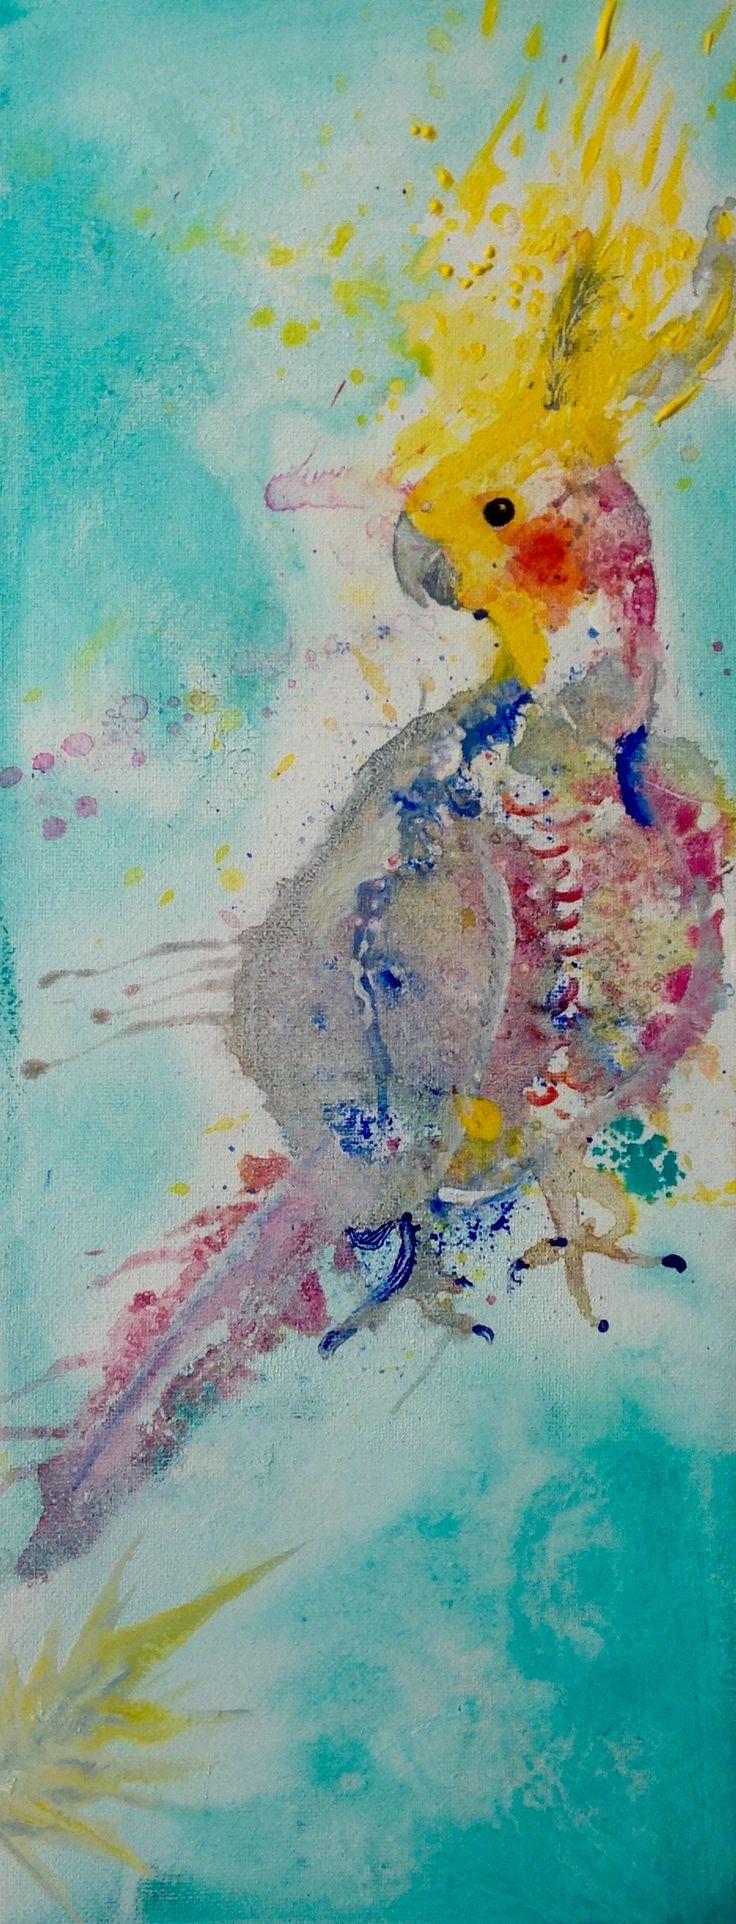 Weiro by Jeannie Orr Smith